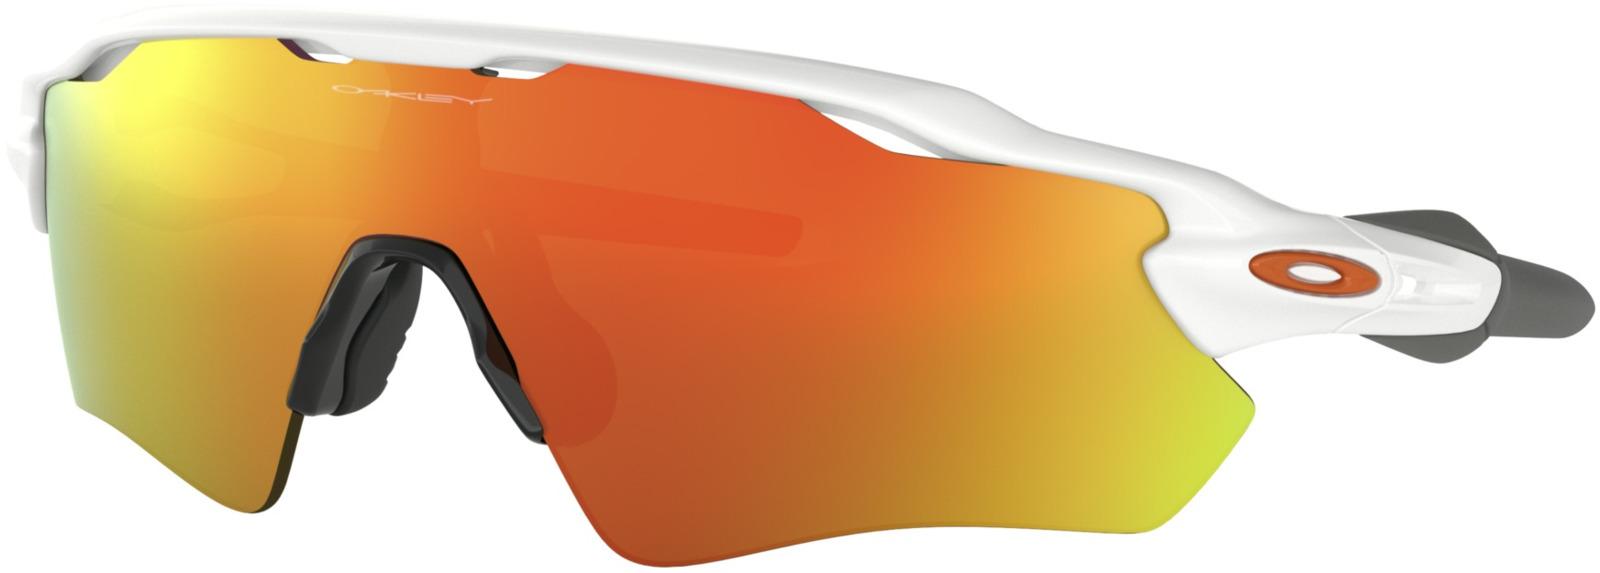 цена на Велосипедные очки Oakley Radar Ev Path Polished, цвет: белый, оранжевый